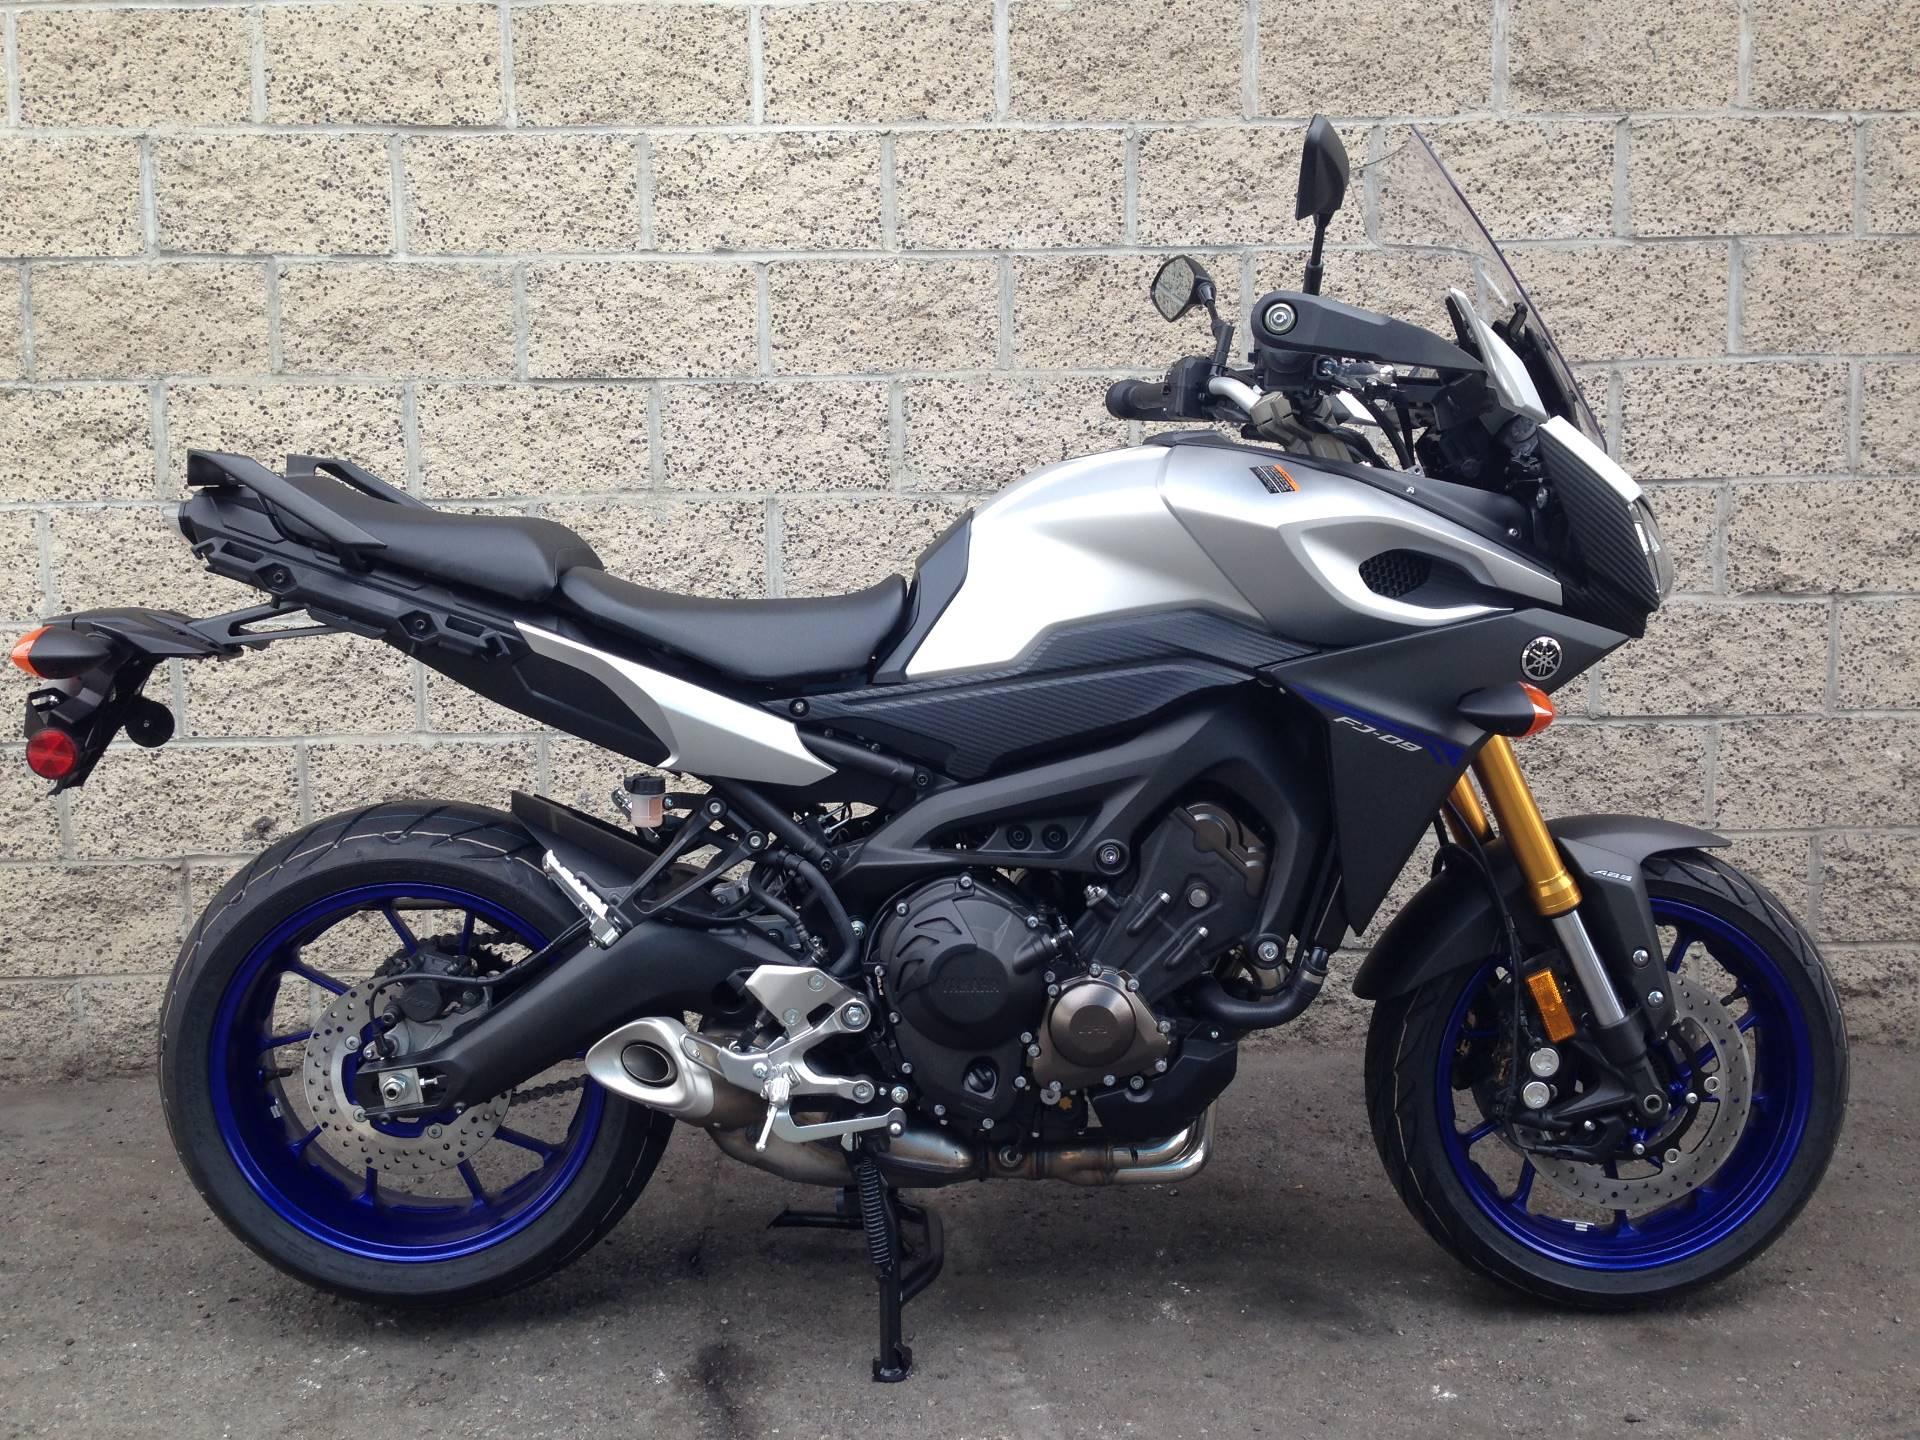 2016 Yamaha FJ-09 6